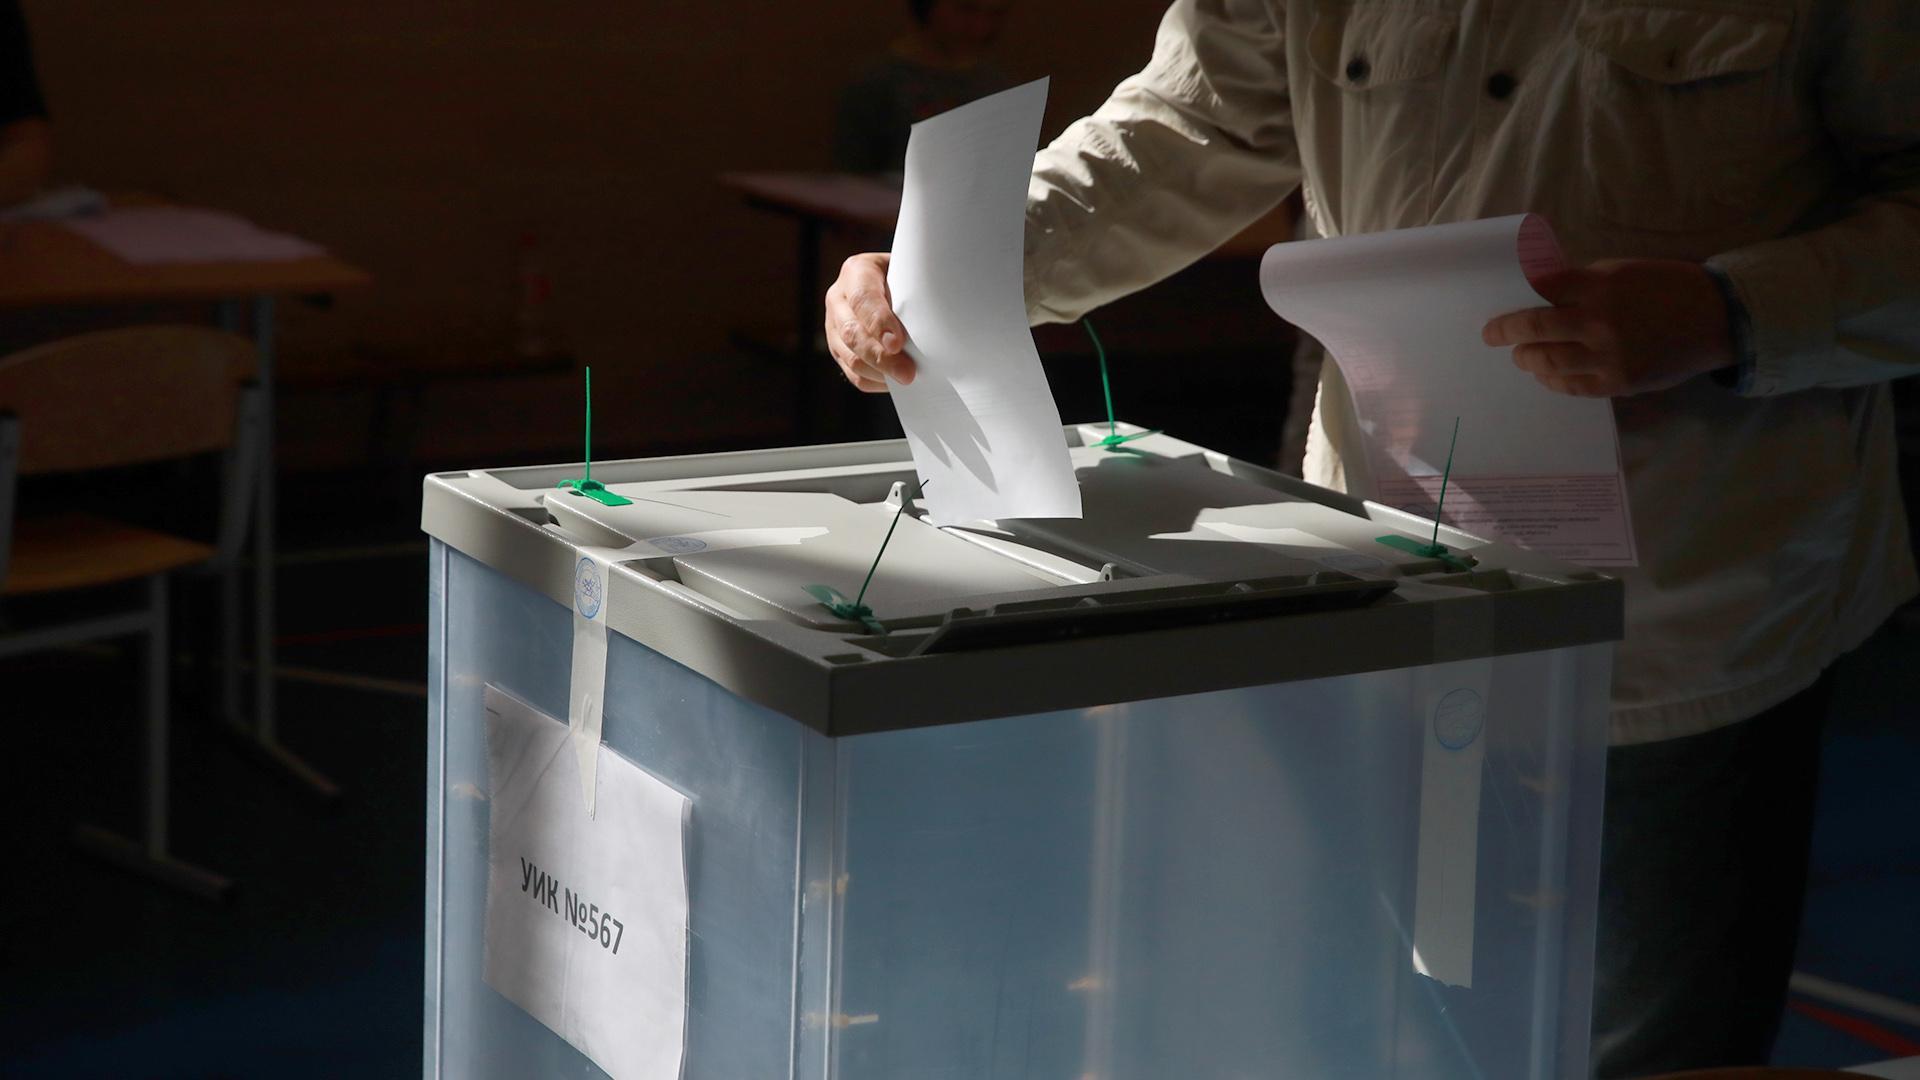 Нет ресурсов. Игорь Комиссарчик о результатах выборов в оренбургский горсовет